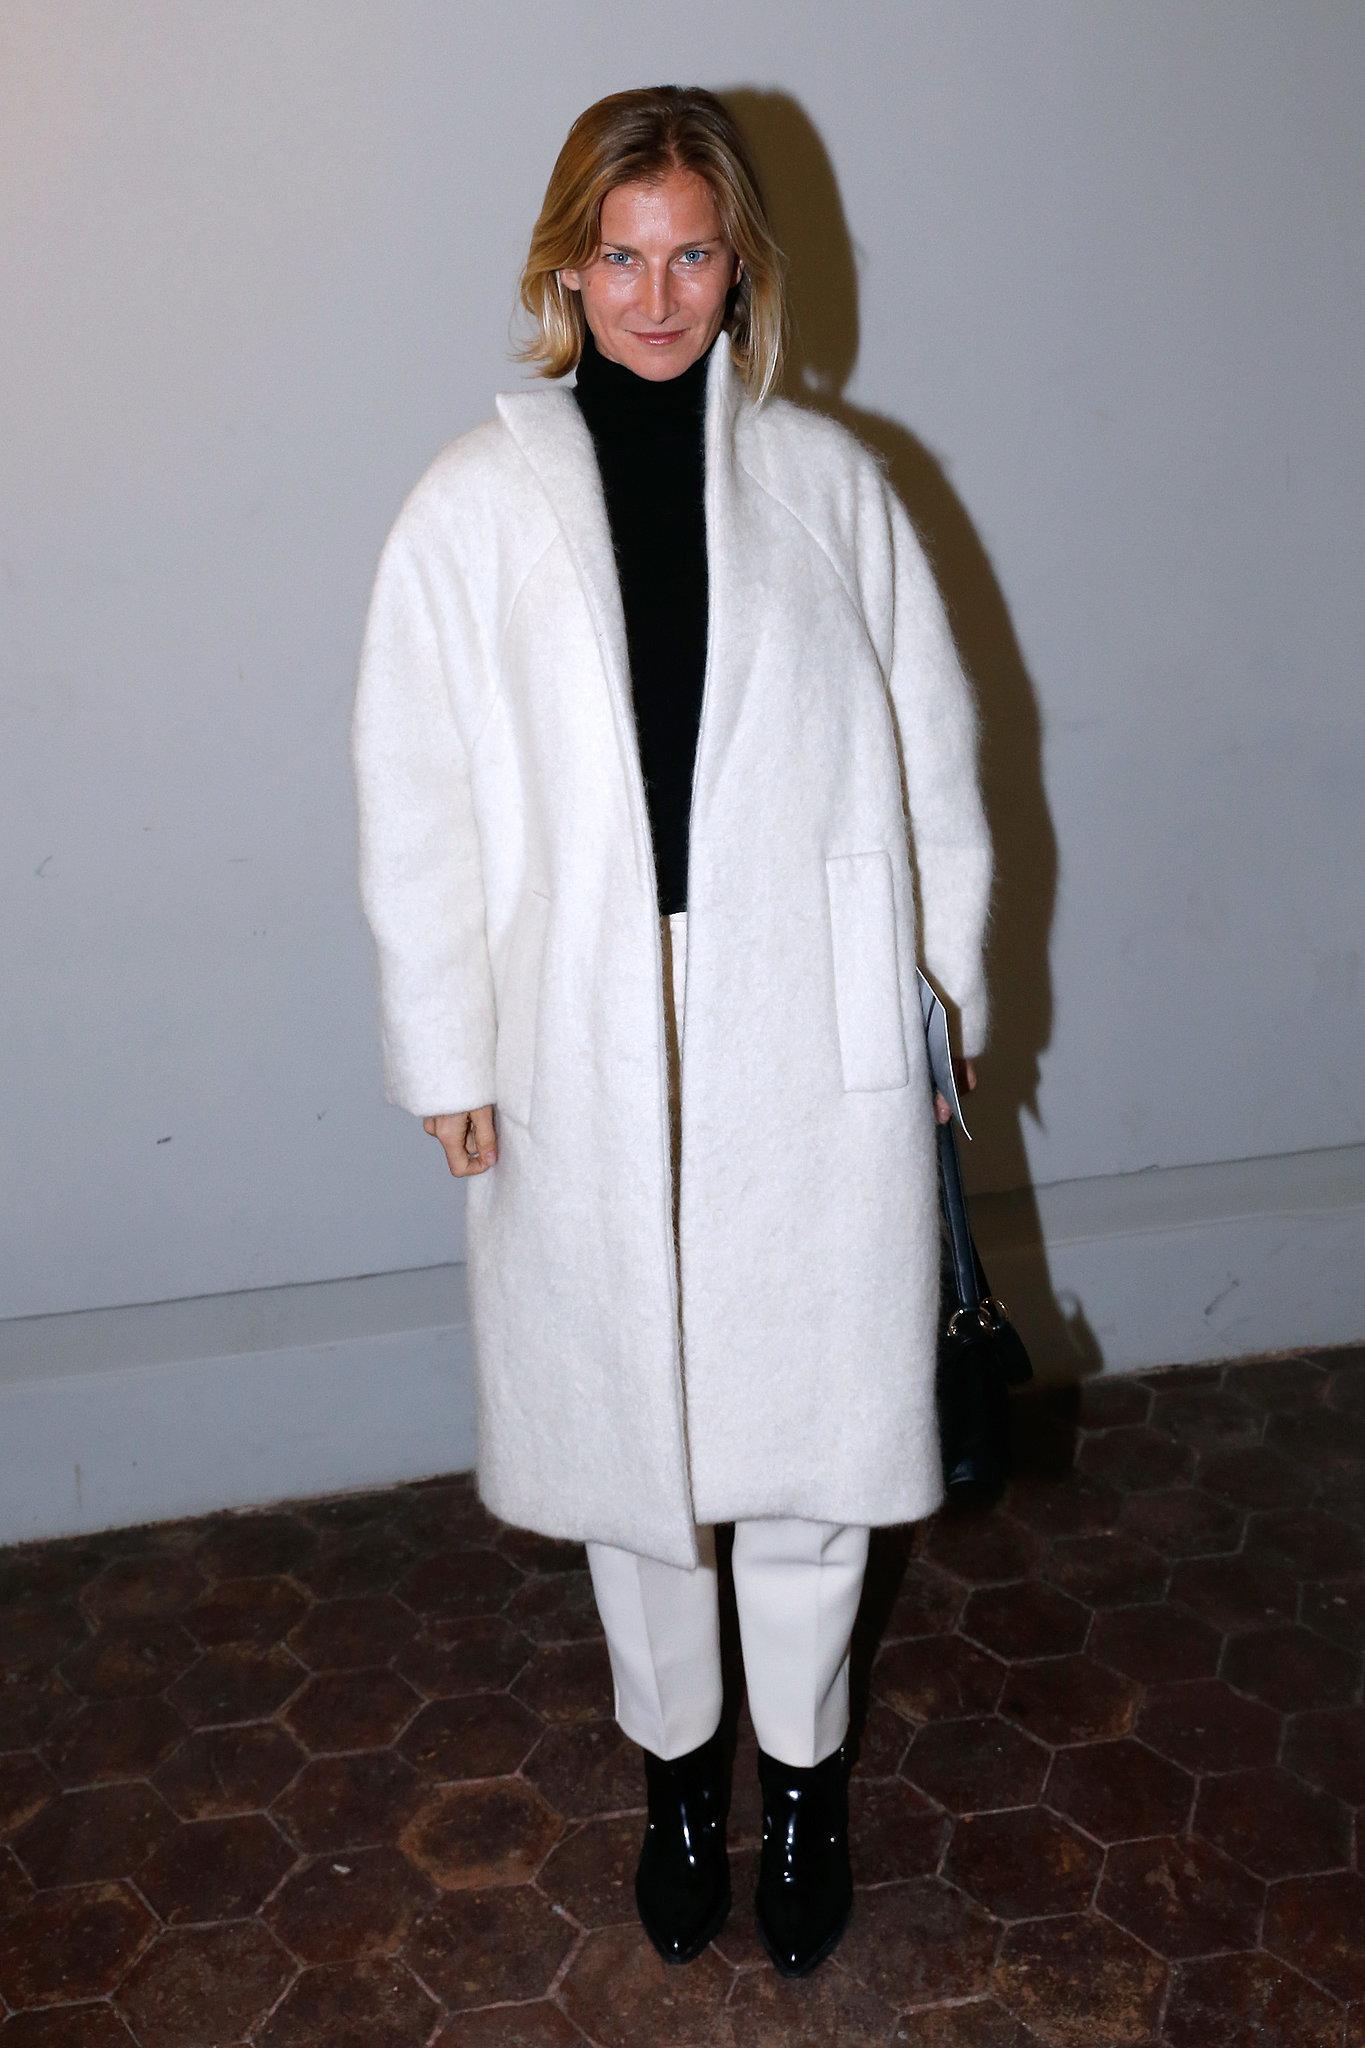 Elizabeth von Guttman at the Giambattista Valli Paris Haute Couture show.